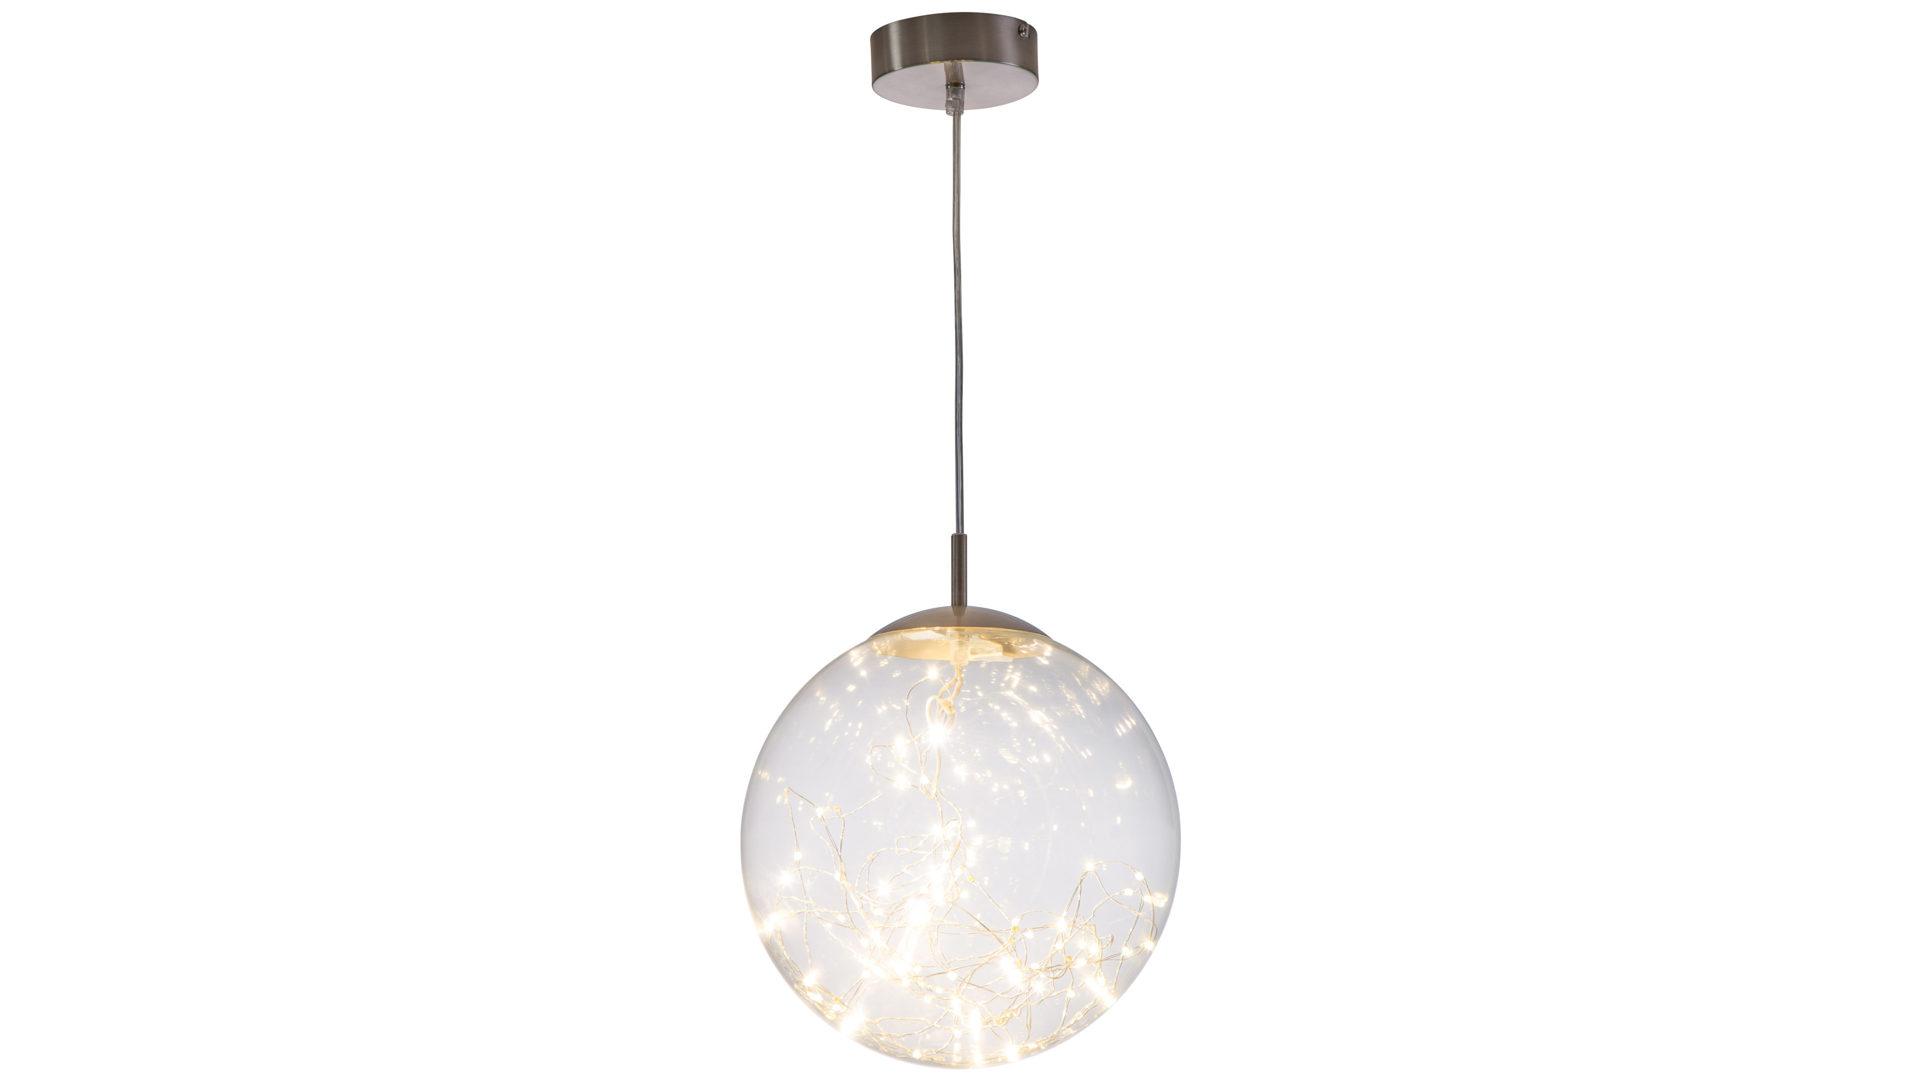 Möbel Bohn Crailsheim, Räume, Esszimmer, Lampen + Leuchten, LED Pendelleuchte,  LED Pendelleuchte Lights, Nickel U0026 Klarglas U2013 Durchmesser Ca. 30 Cm